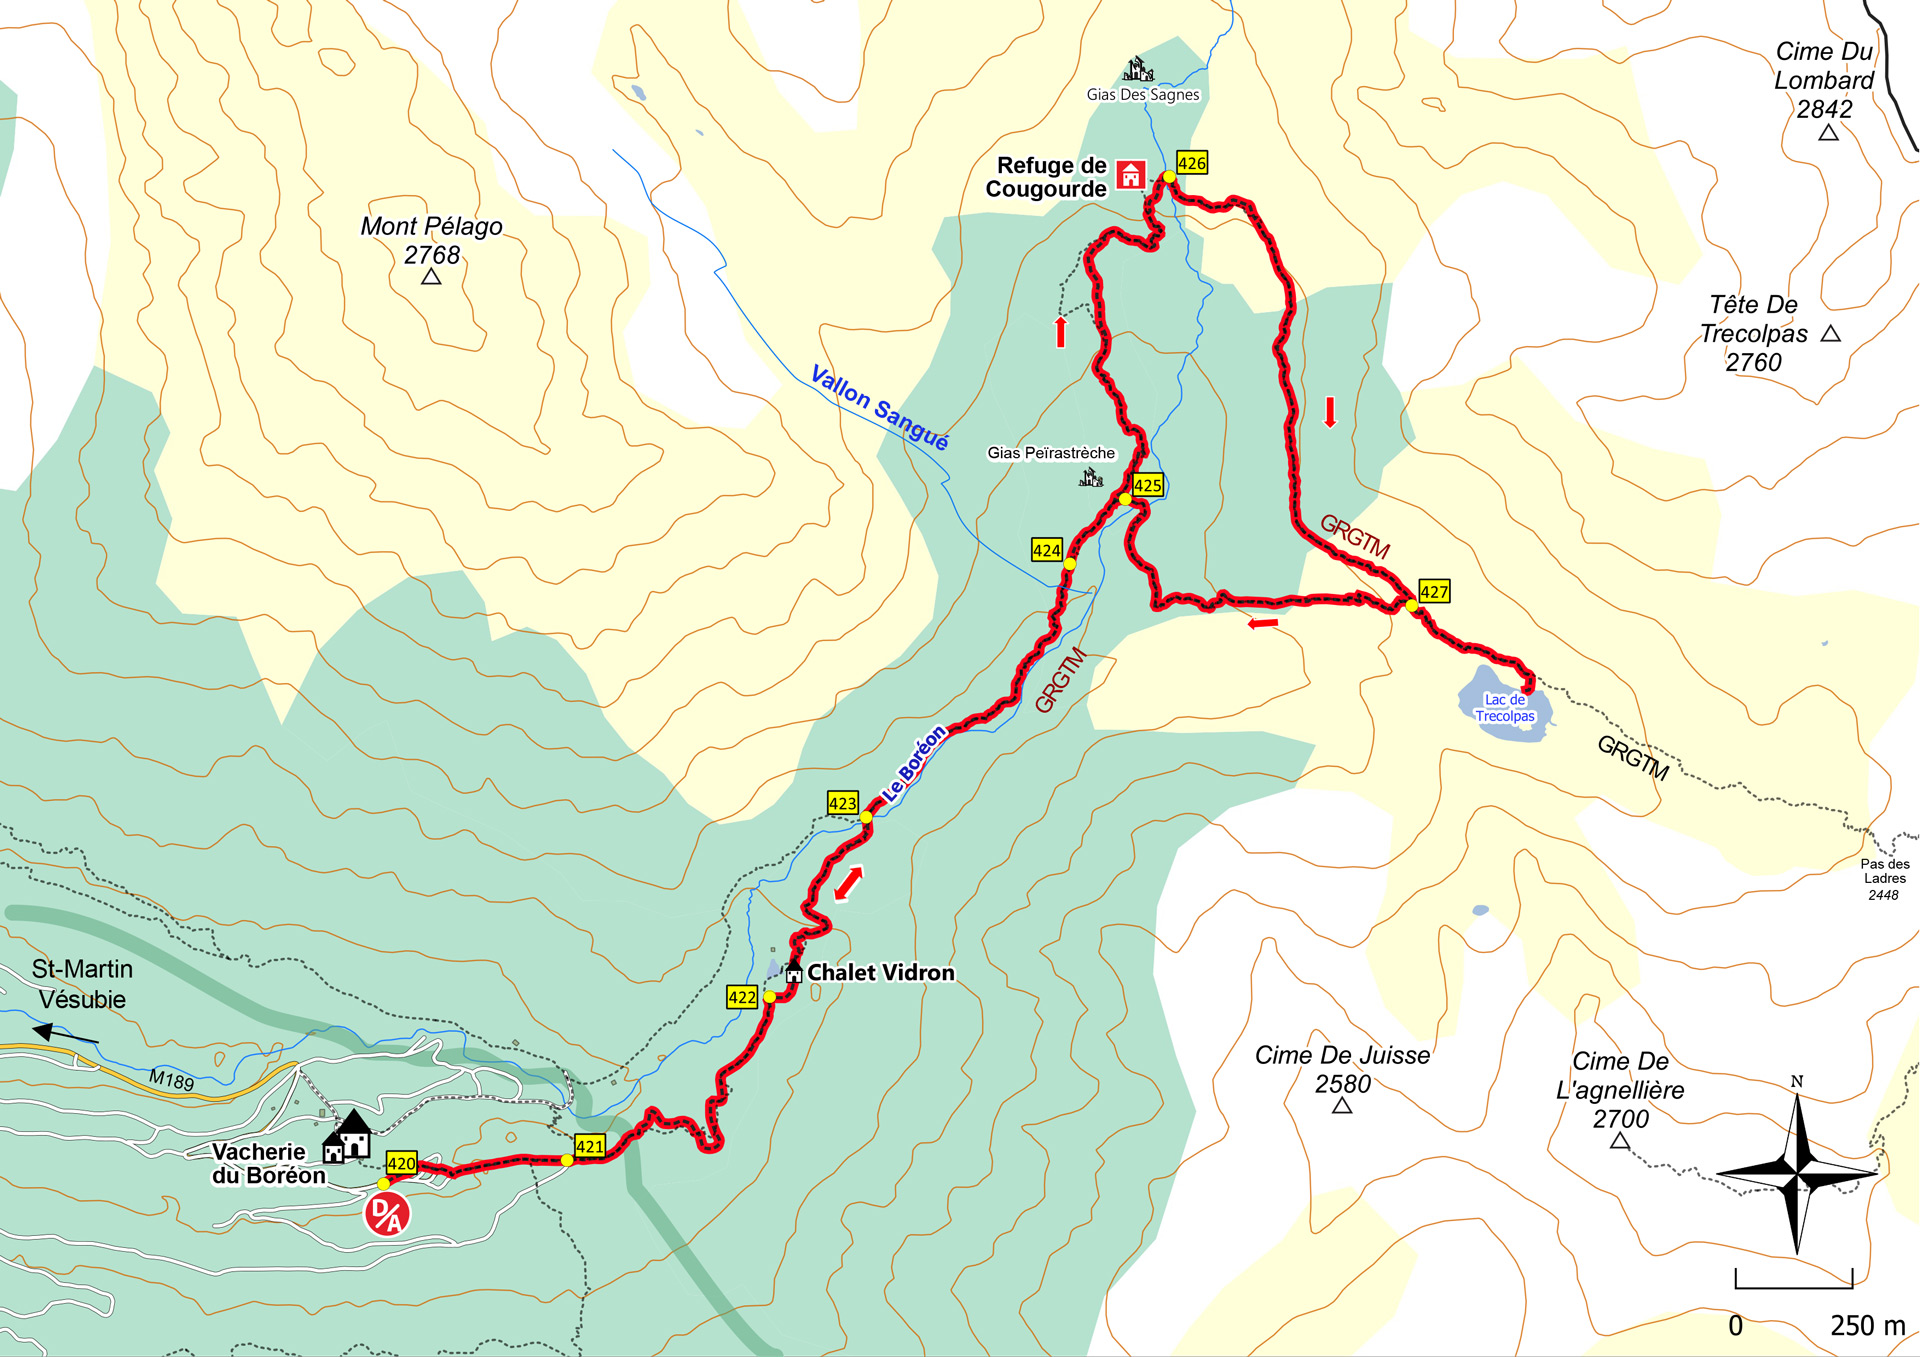 Circuit de Trécolpas - Département des Alpes-Maritimes